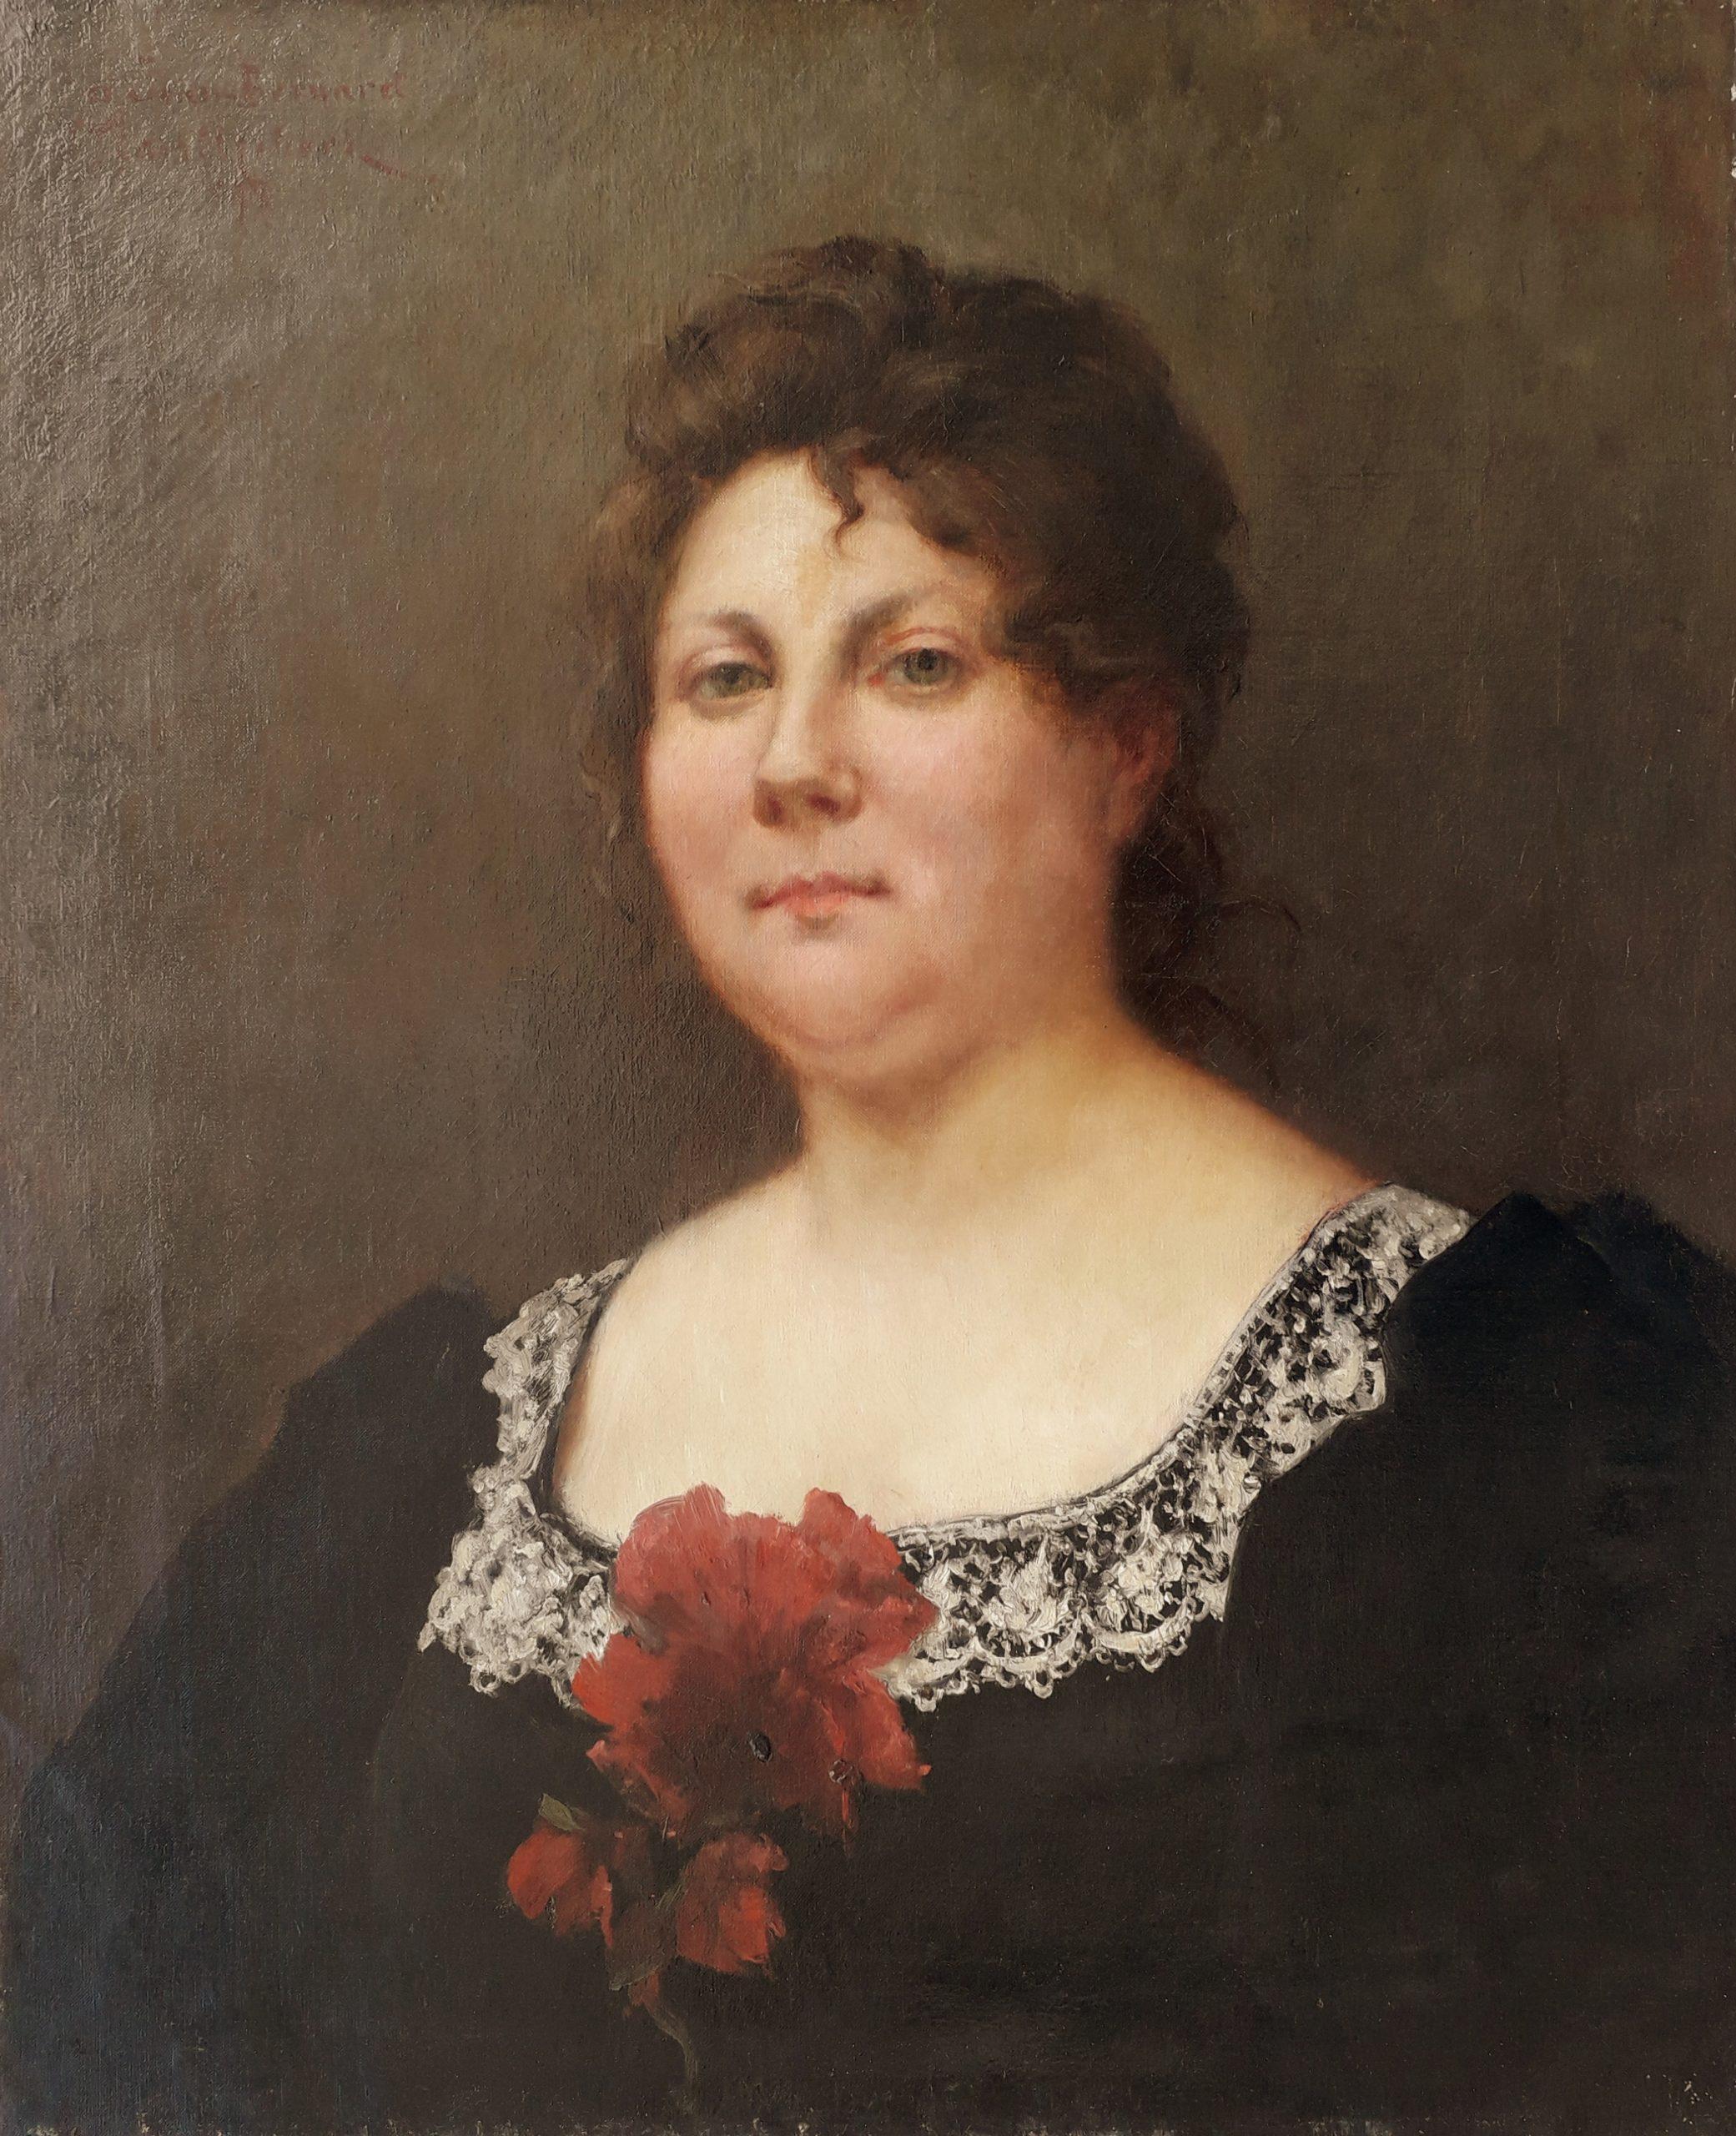 Trouillebert-paul-désiré-Portrait-de-femme-au-col-de-dentelles-1897